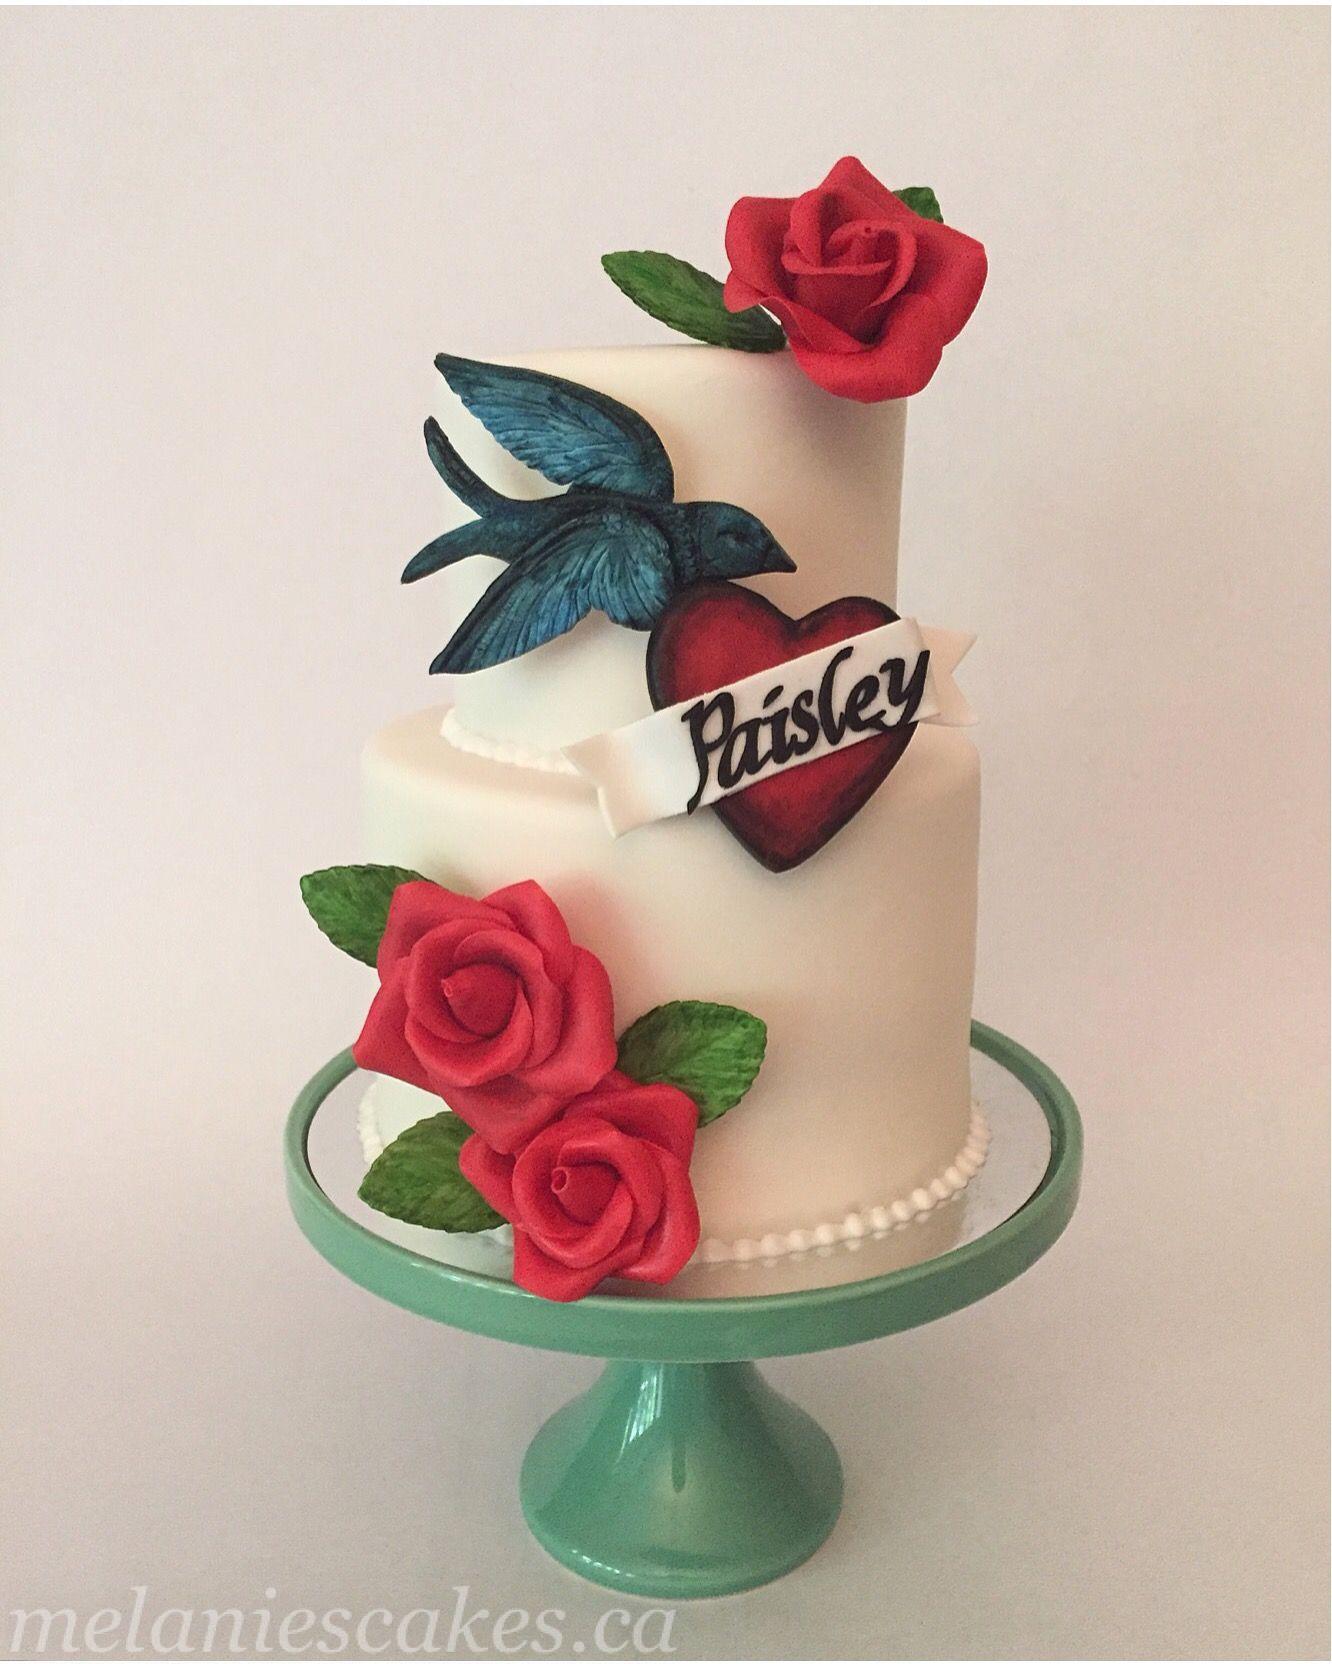 Rockabilly Wedding Ideas: Rockabilly Tattoo Birthday Cake, Wedding Cake Or Shower